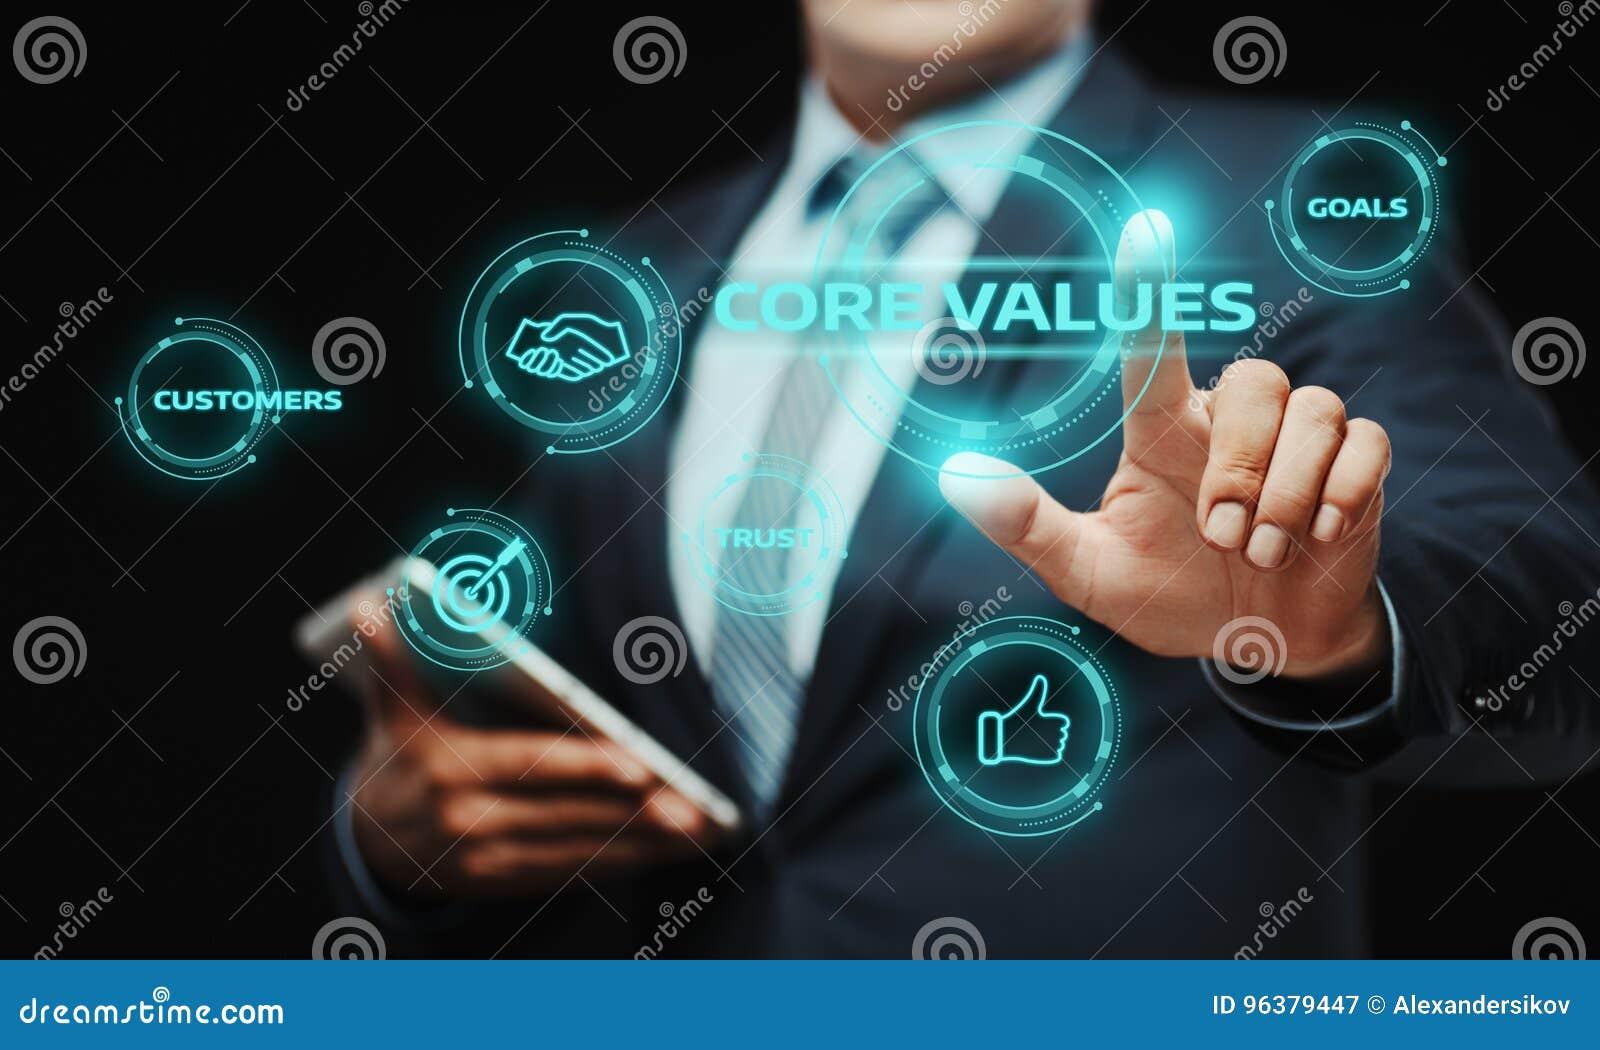 Έννοια ευθύνης τιμών πυρήνων Ethics Goals Company